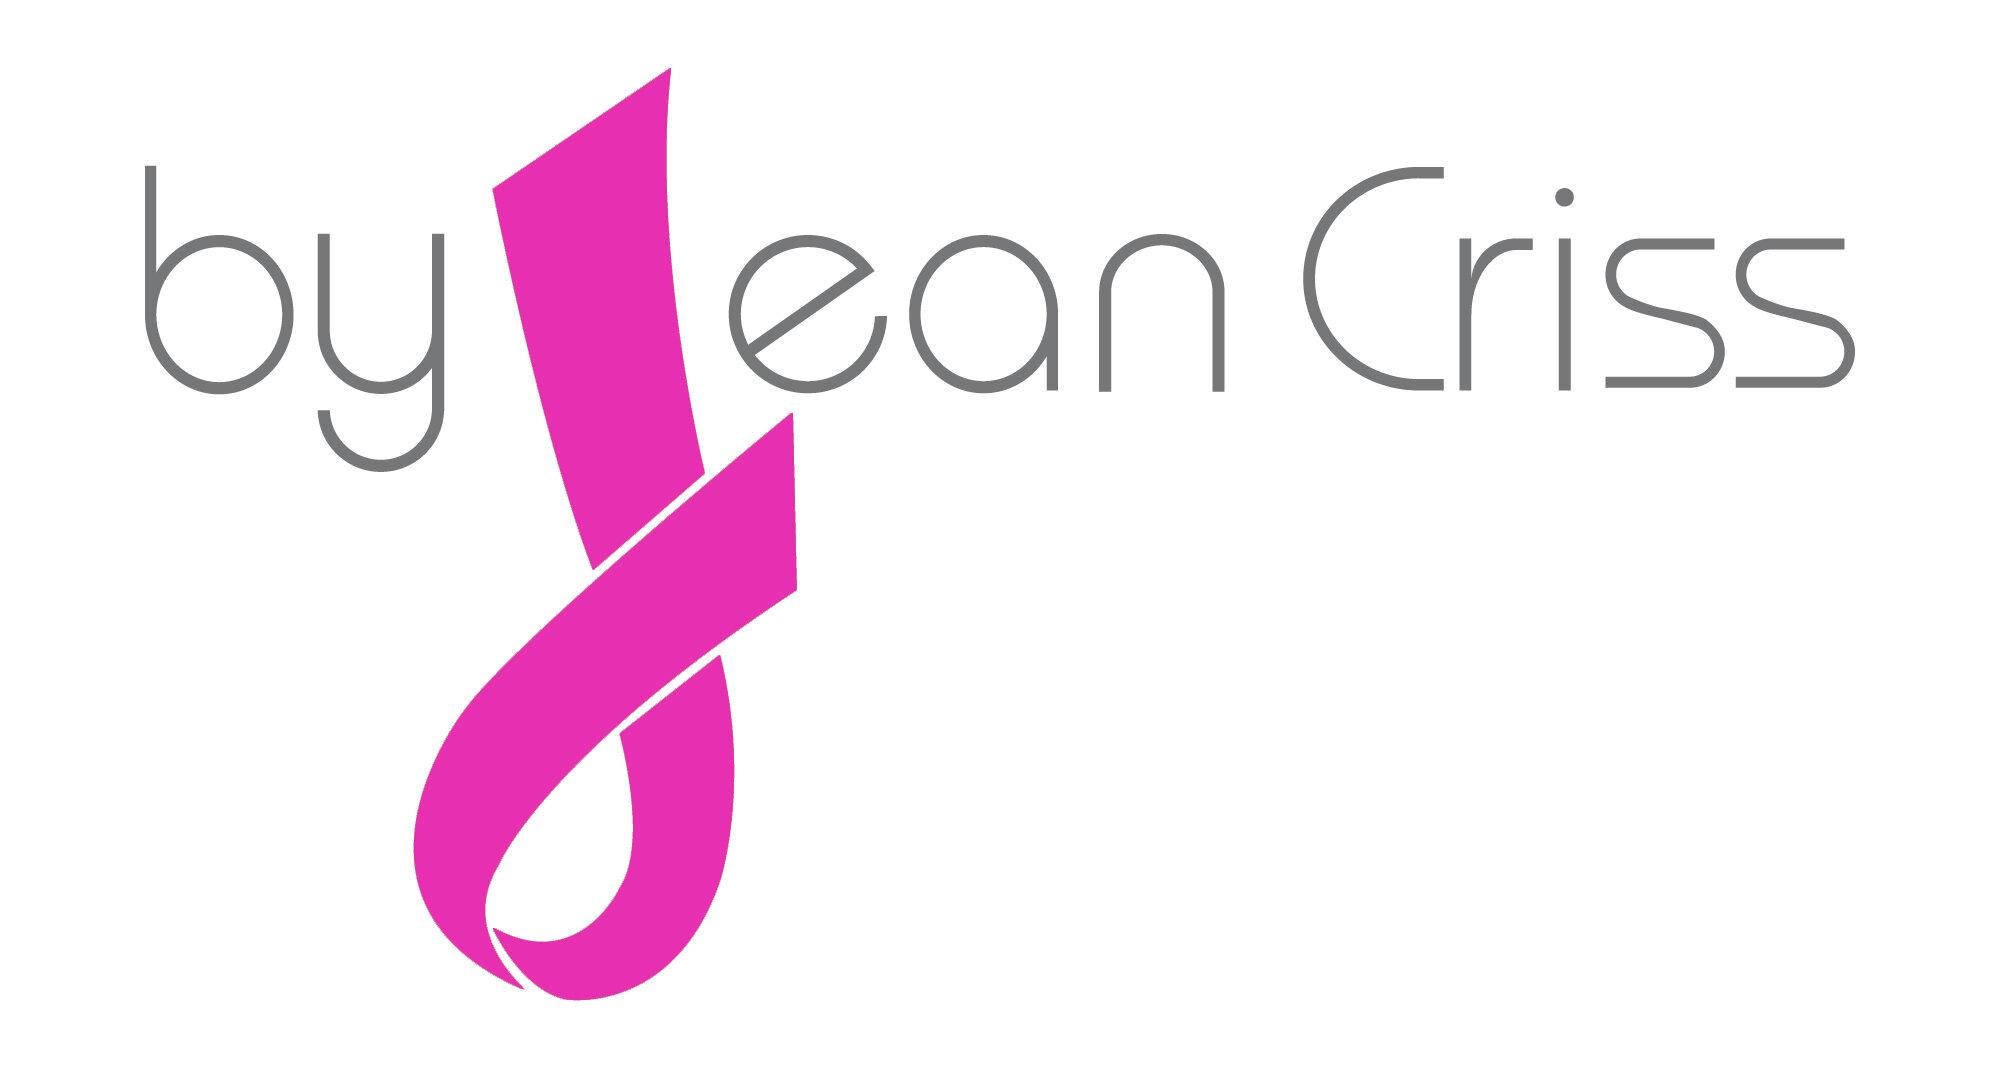 j_logo_newpink.jpg